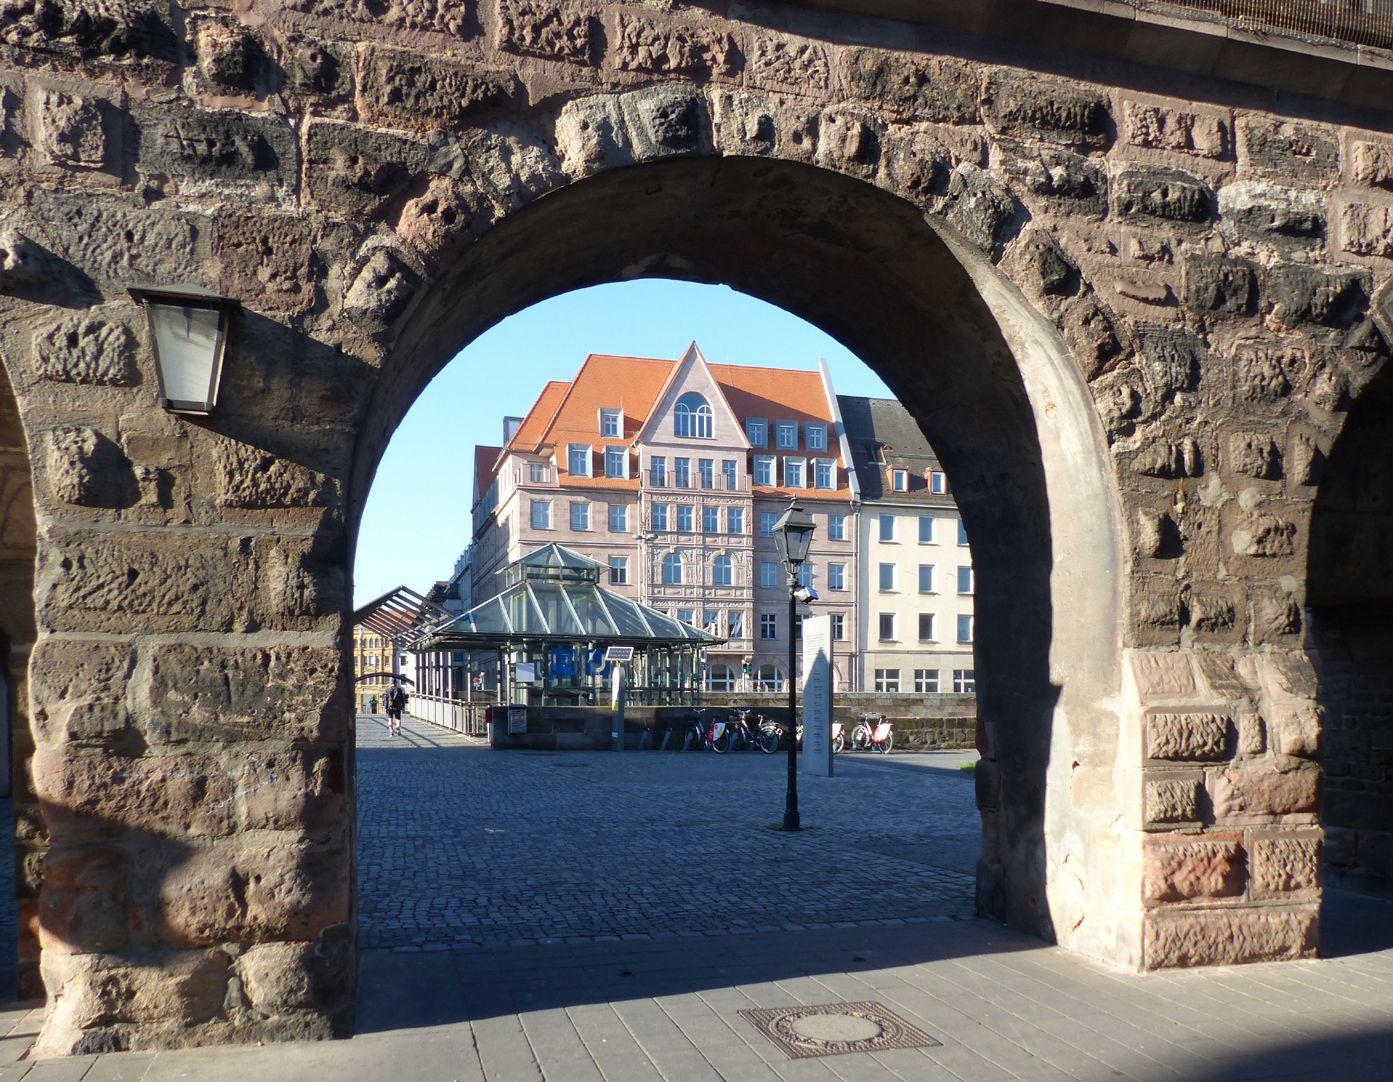 Hotel Deutscher Hof Durchblick durch die Stadtmauer